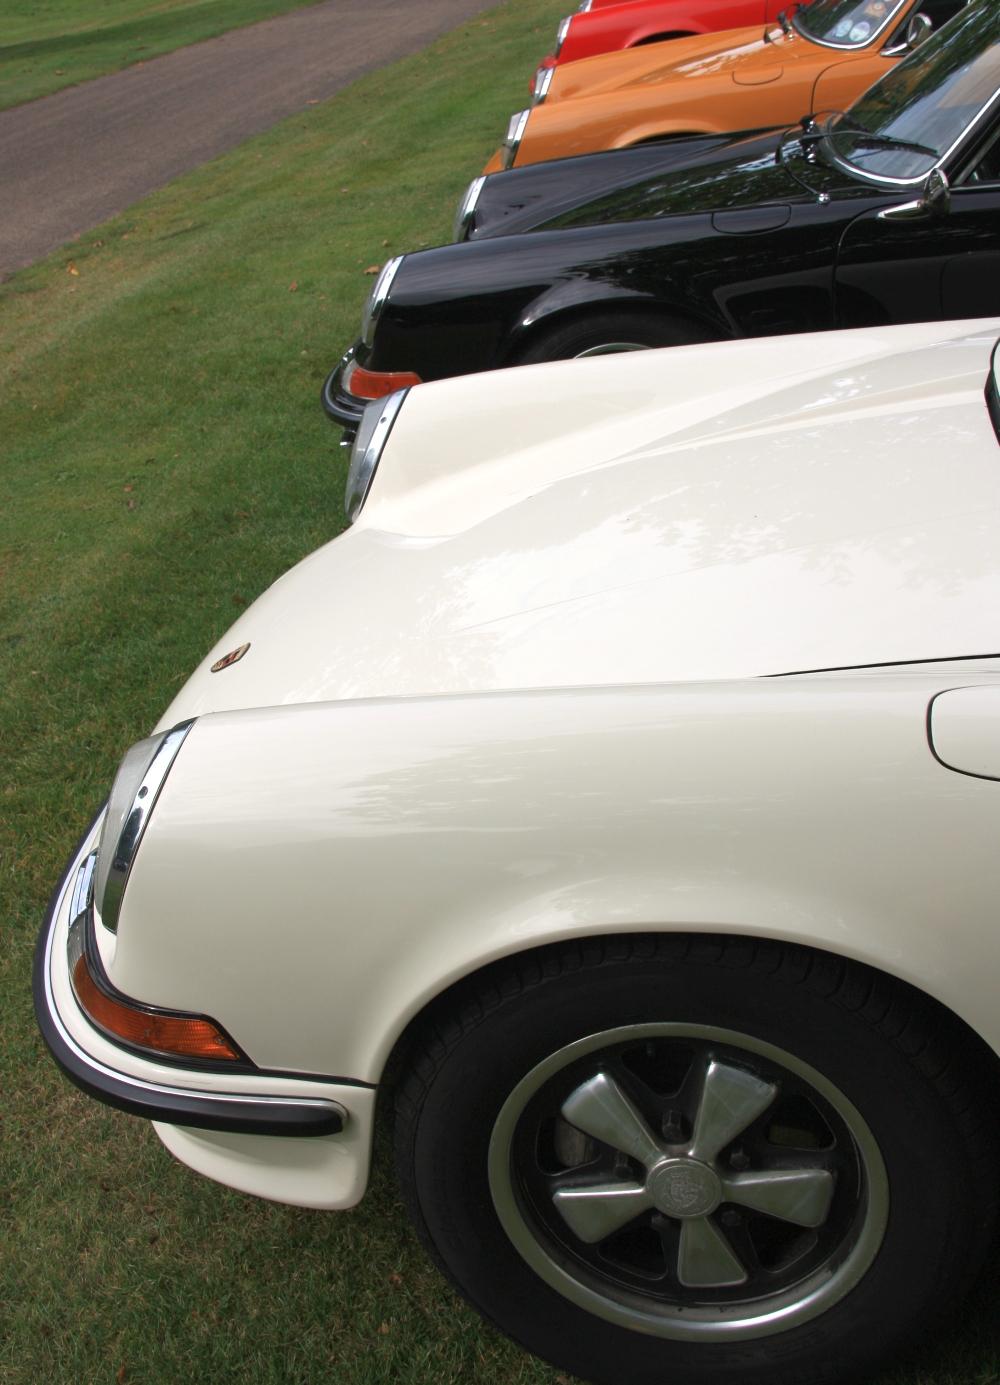 Egal welche Farbe der Elfer hat. Auf einen 911 gehört irgendwie auch eine Fuchs-Felge. Außer er wurde mit den Standard-Stahlfelgen von Lemmerz oder Kronprinz ausgeliefert. Hier auf einem 72er 911 S (Ölklappe) mit silbernem Außenrand und silbernen Sternen. der Rest ist matt schwarz eloxiert.